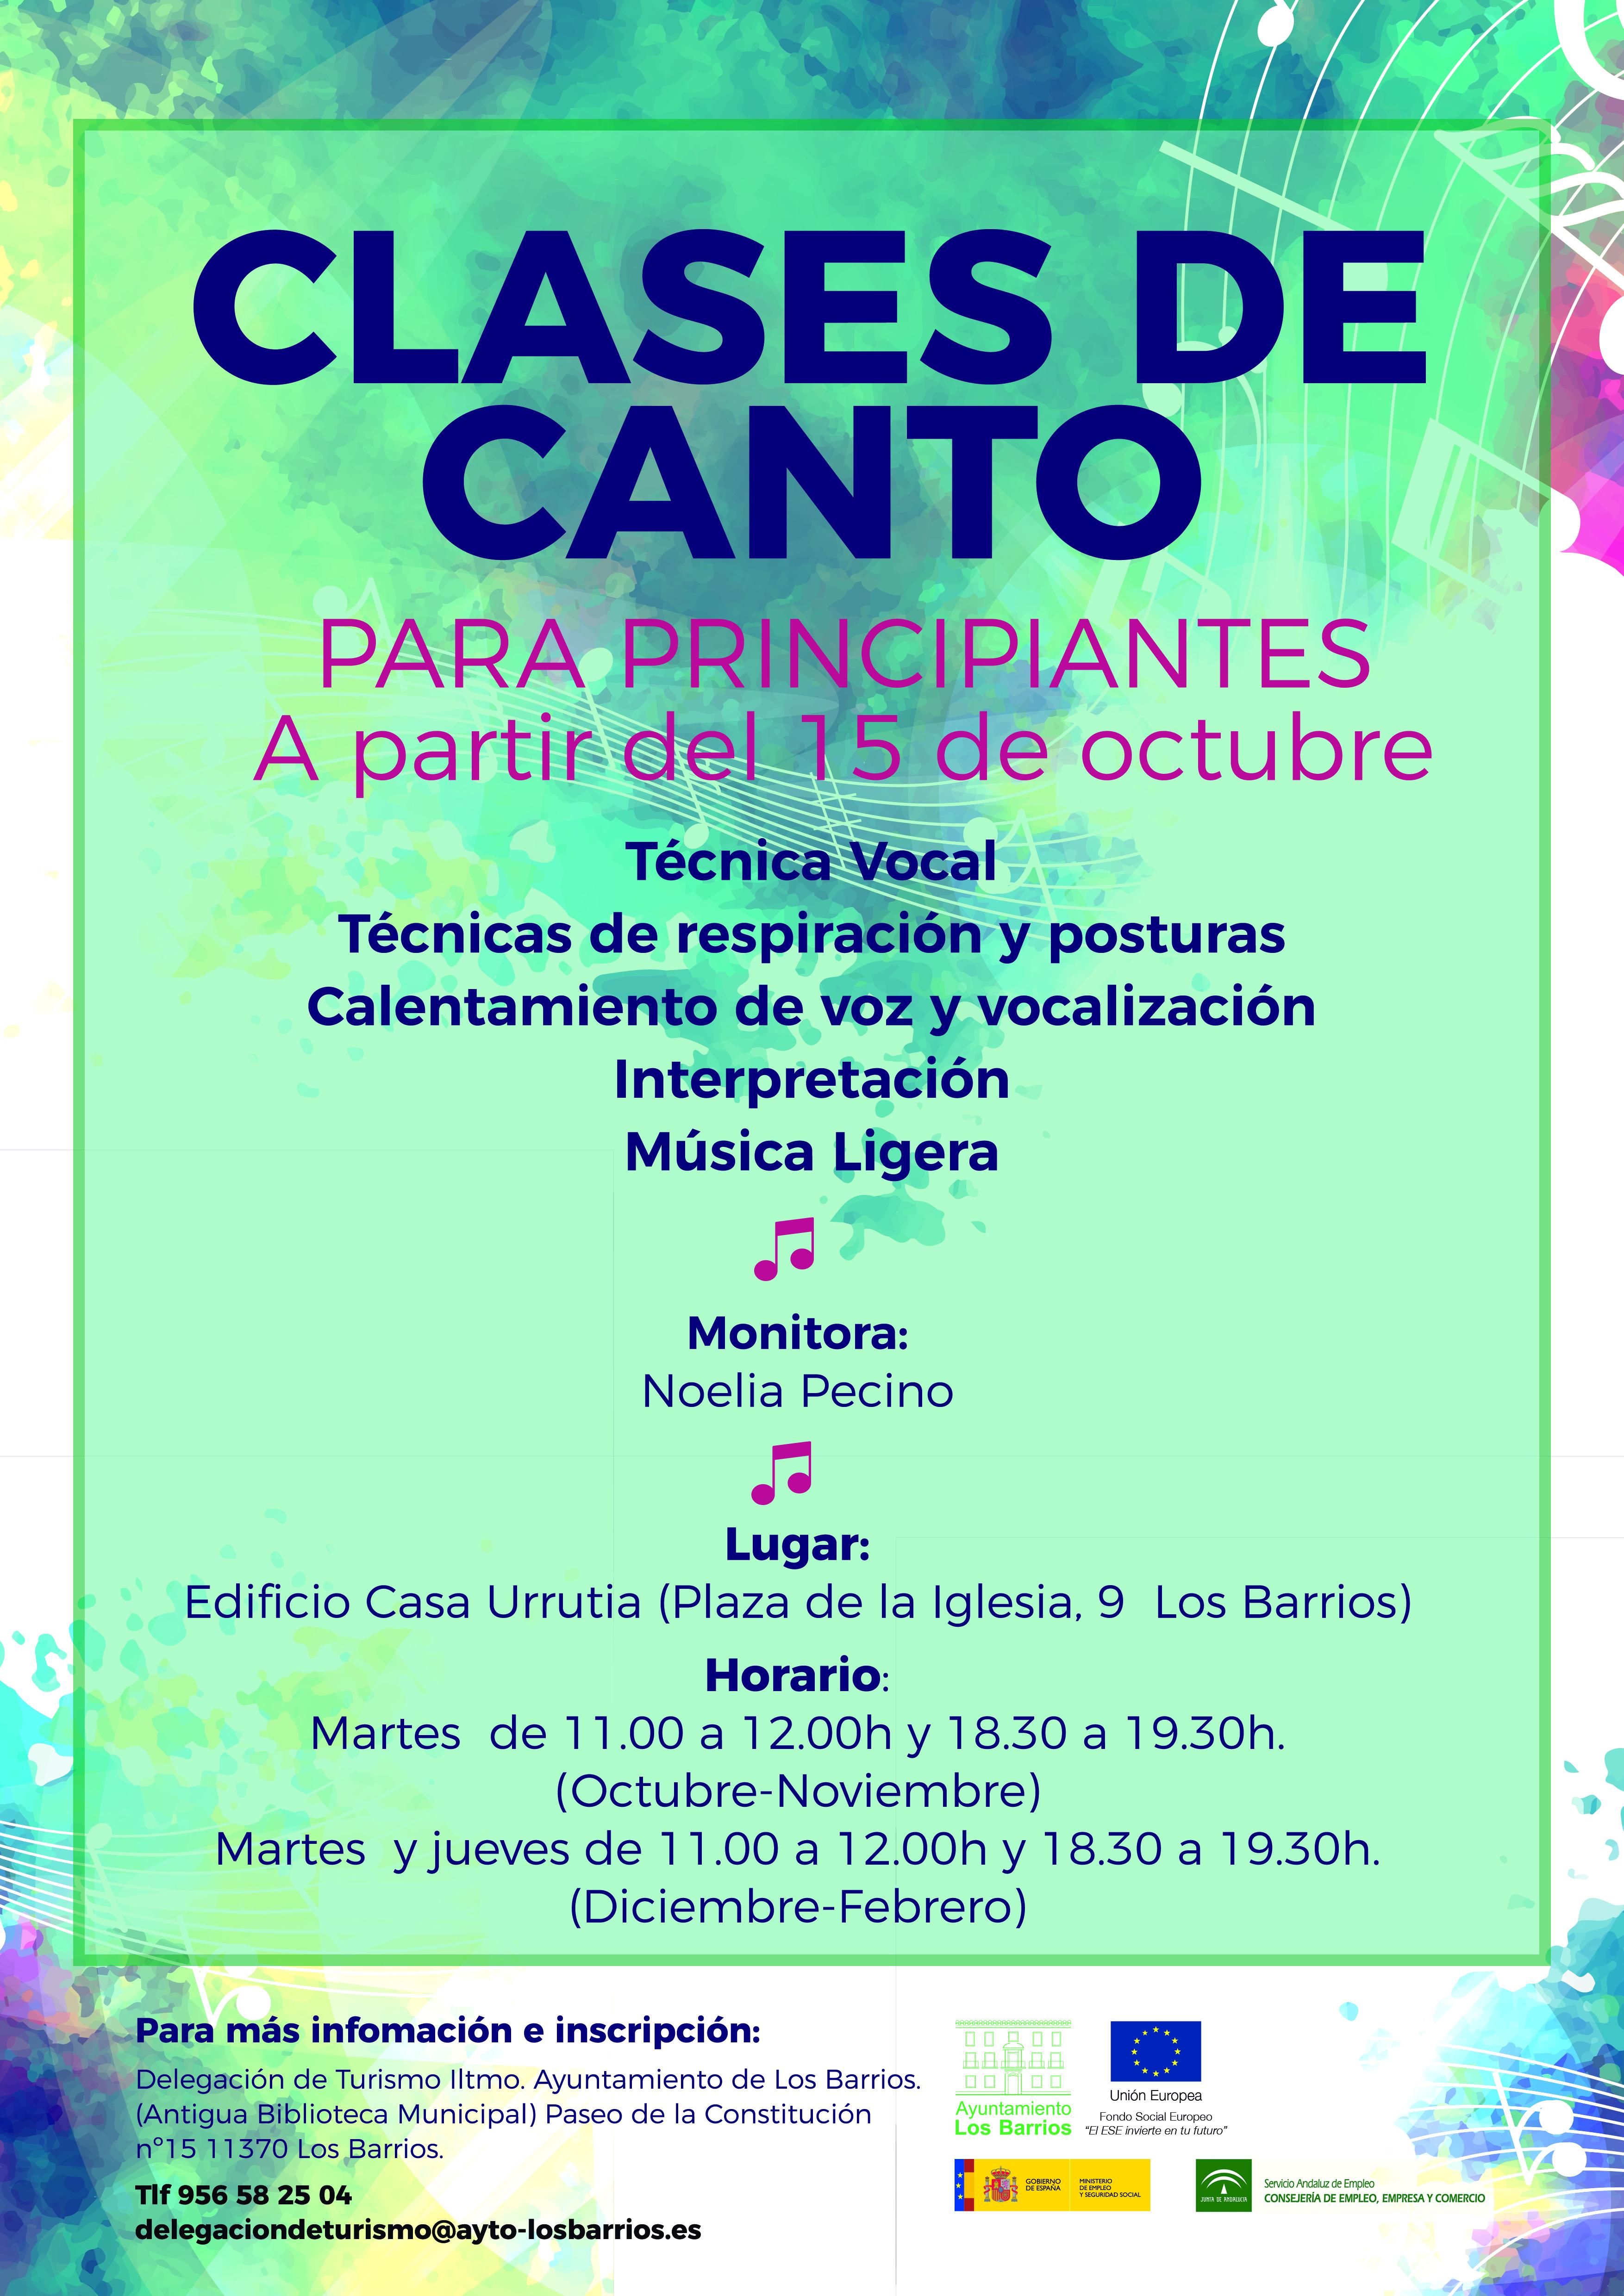 Turismo Los Barrios oferta un taller de clases de canto para principiantes